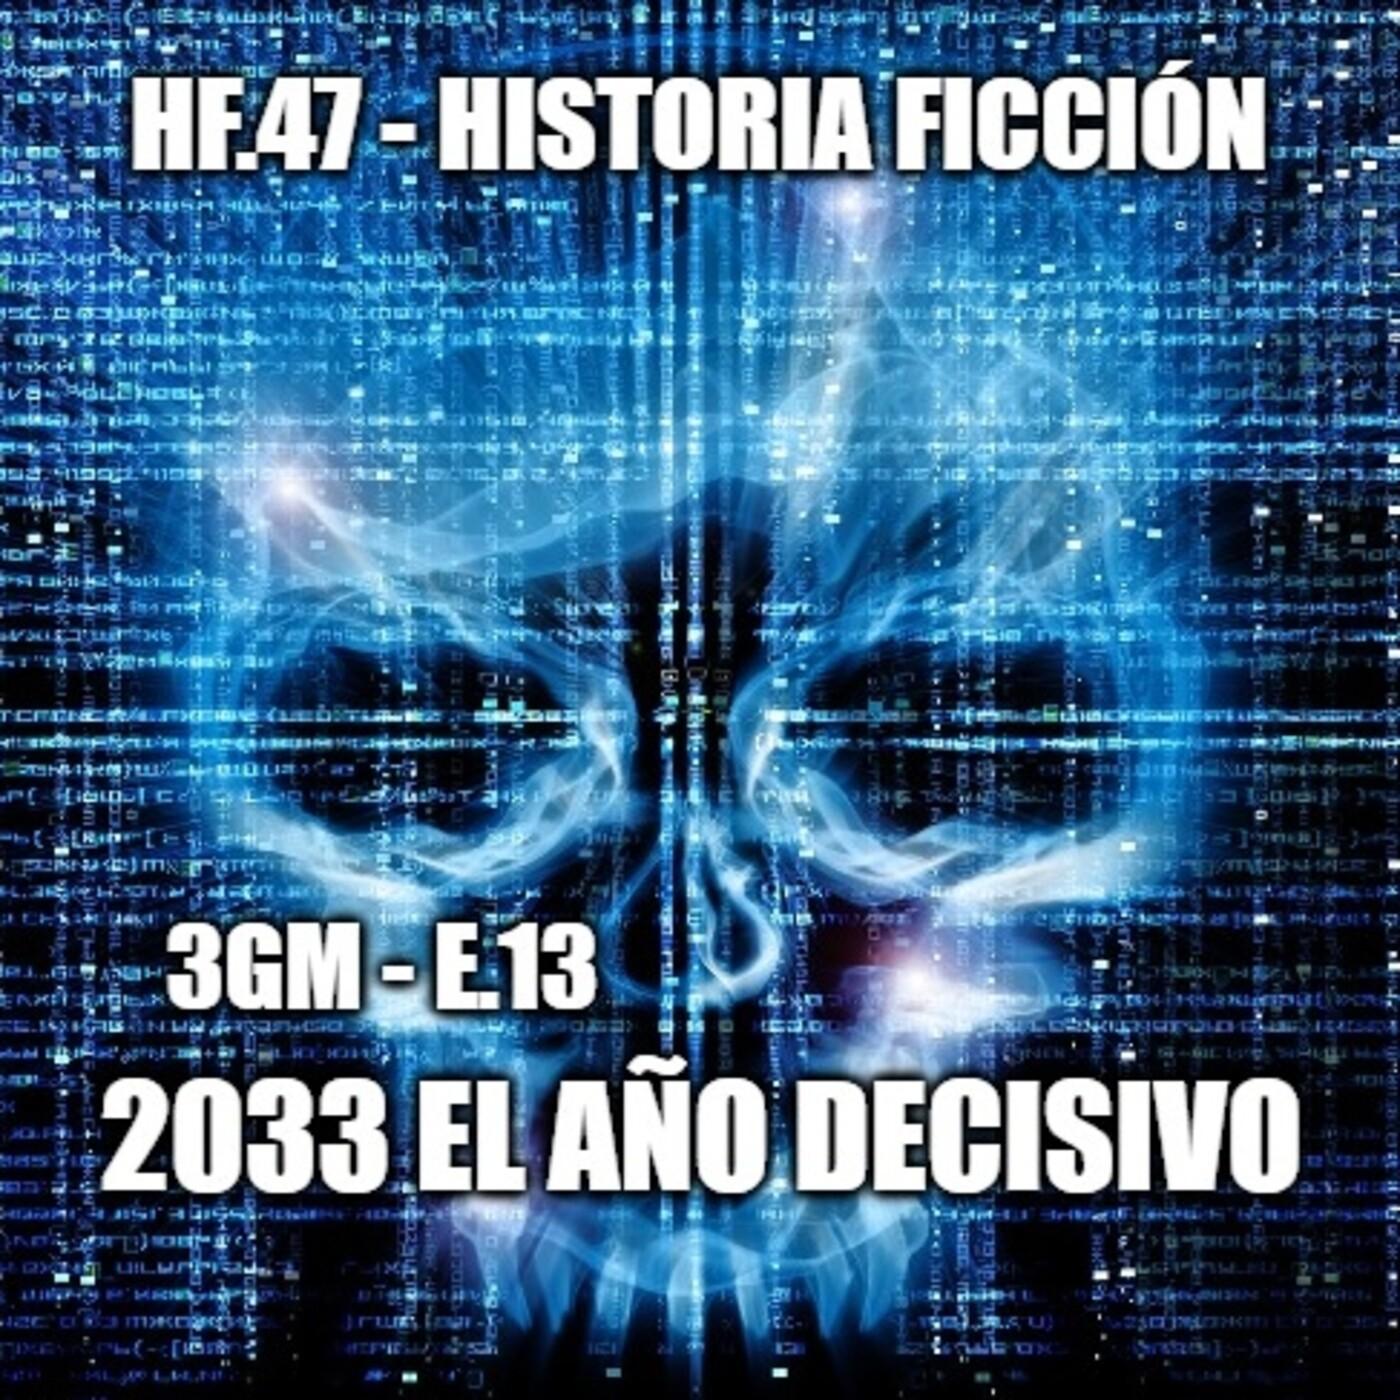 HF.47 - 3GM-E13 – El año decisivo 2033